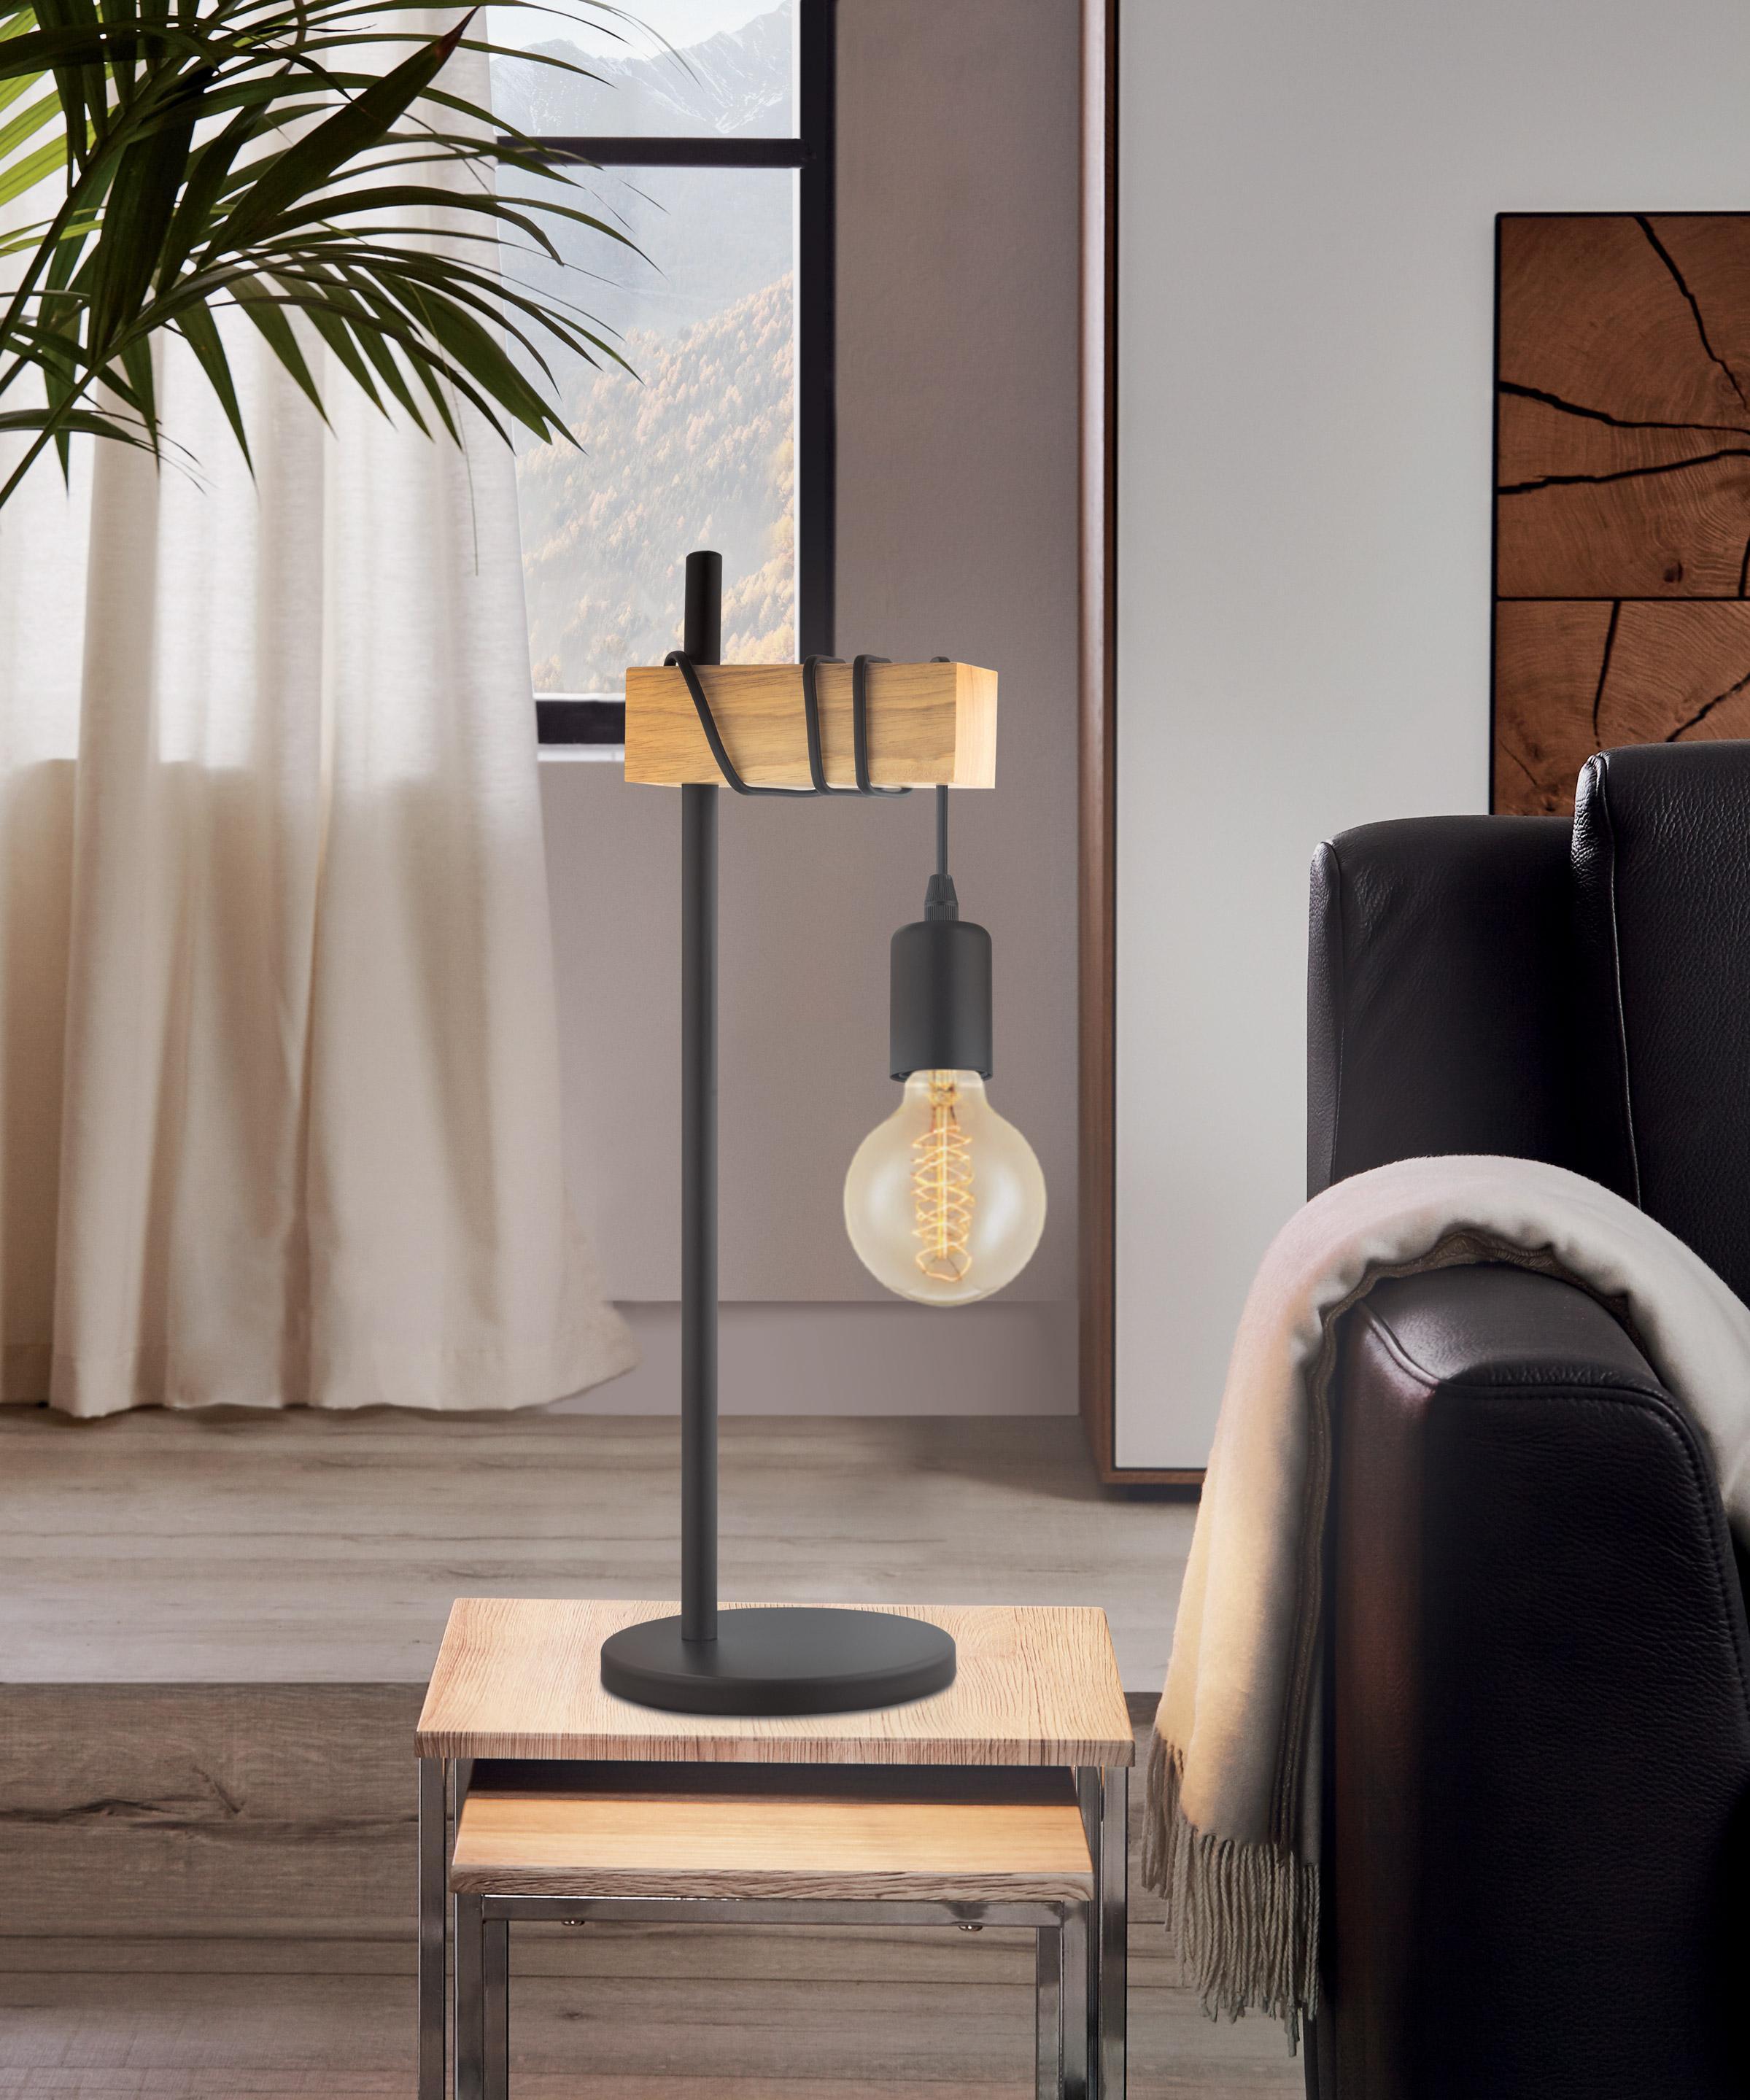 Prix Meilleur Lampe DesignSur PiedÀ Poser Au 3FKJc5uT1l